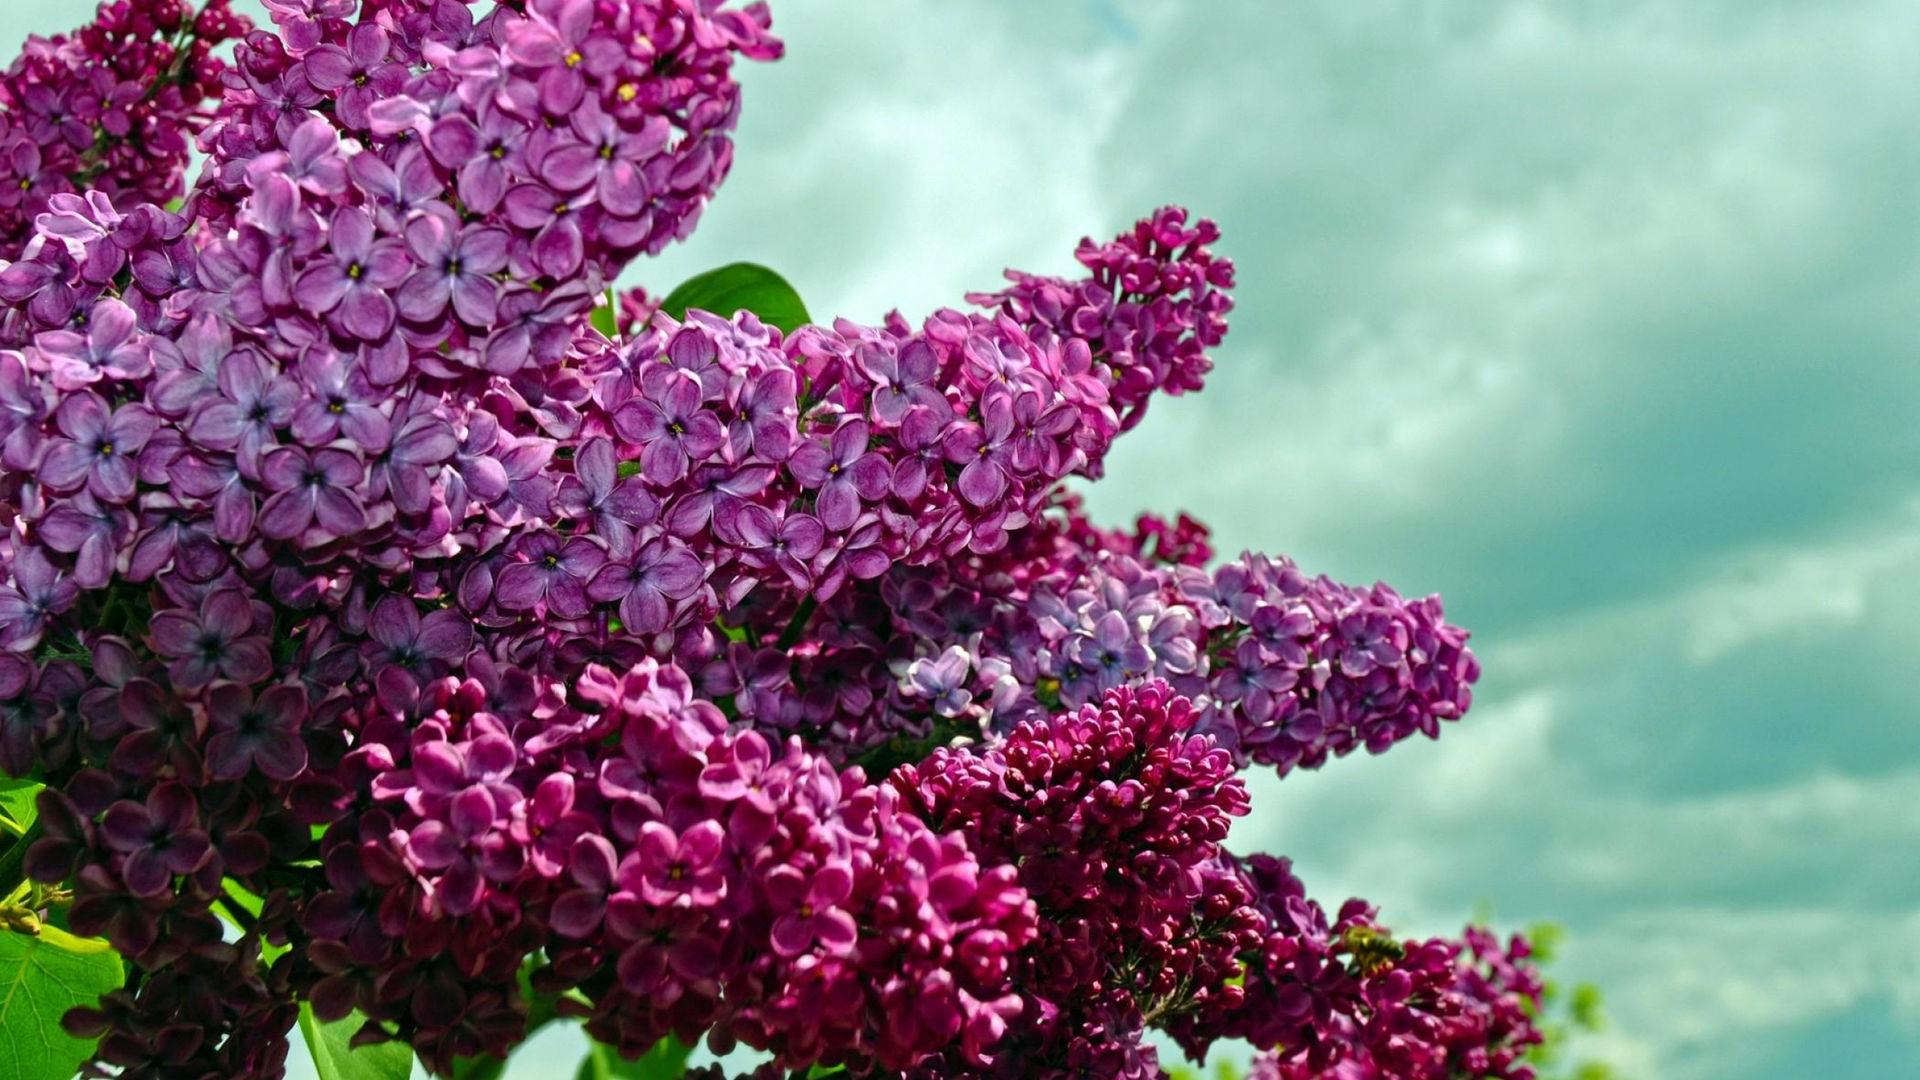 лучшие картинки весны на рабочий стол